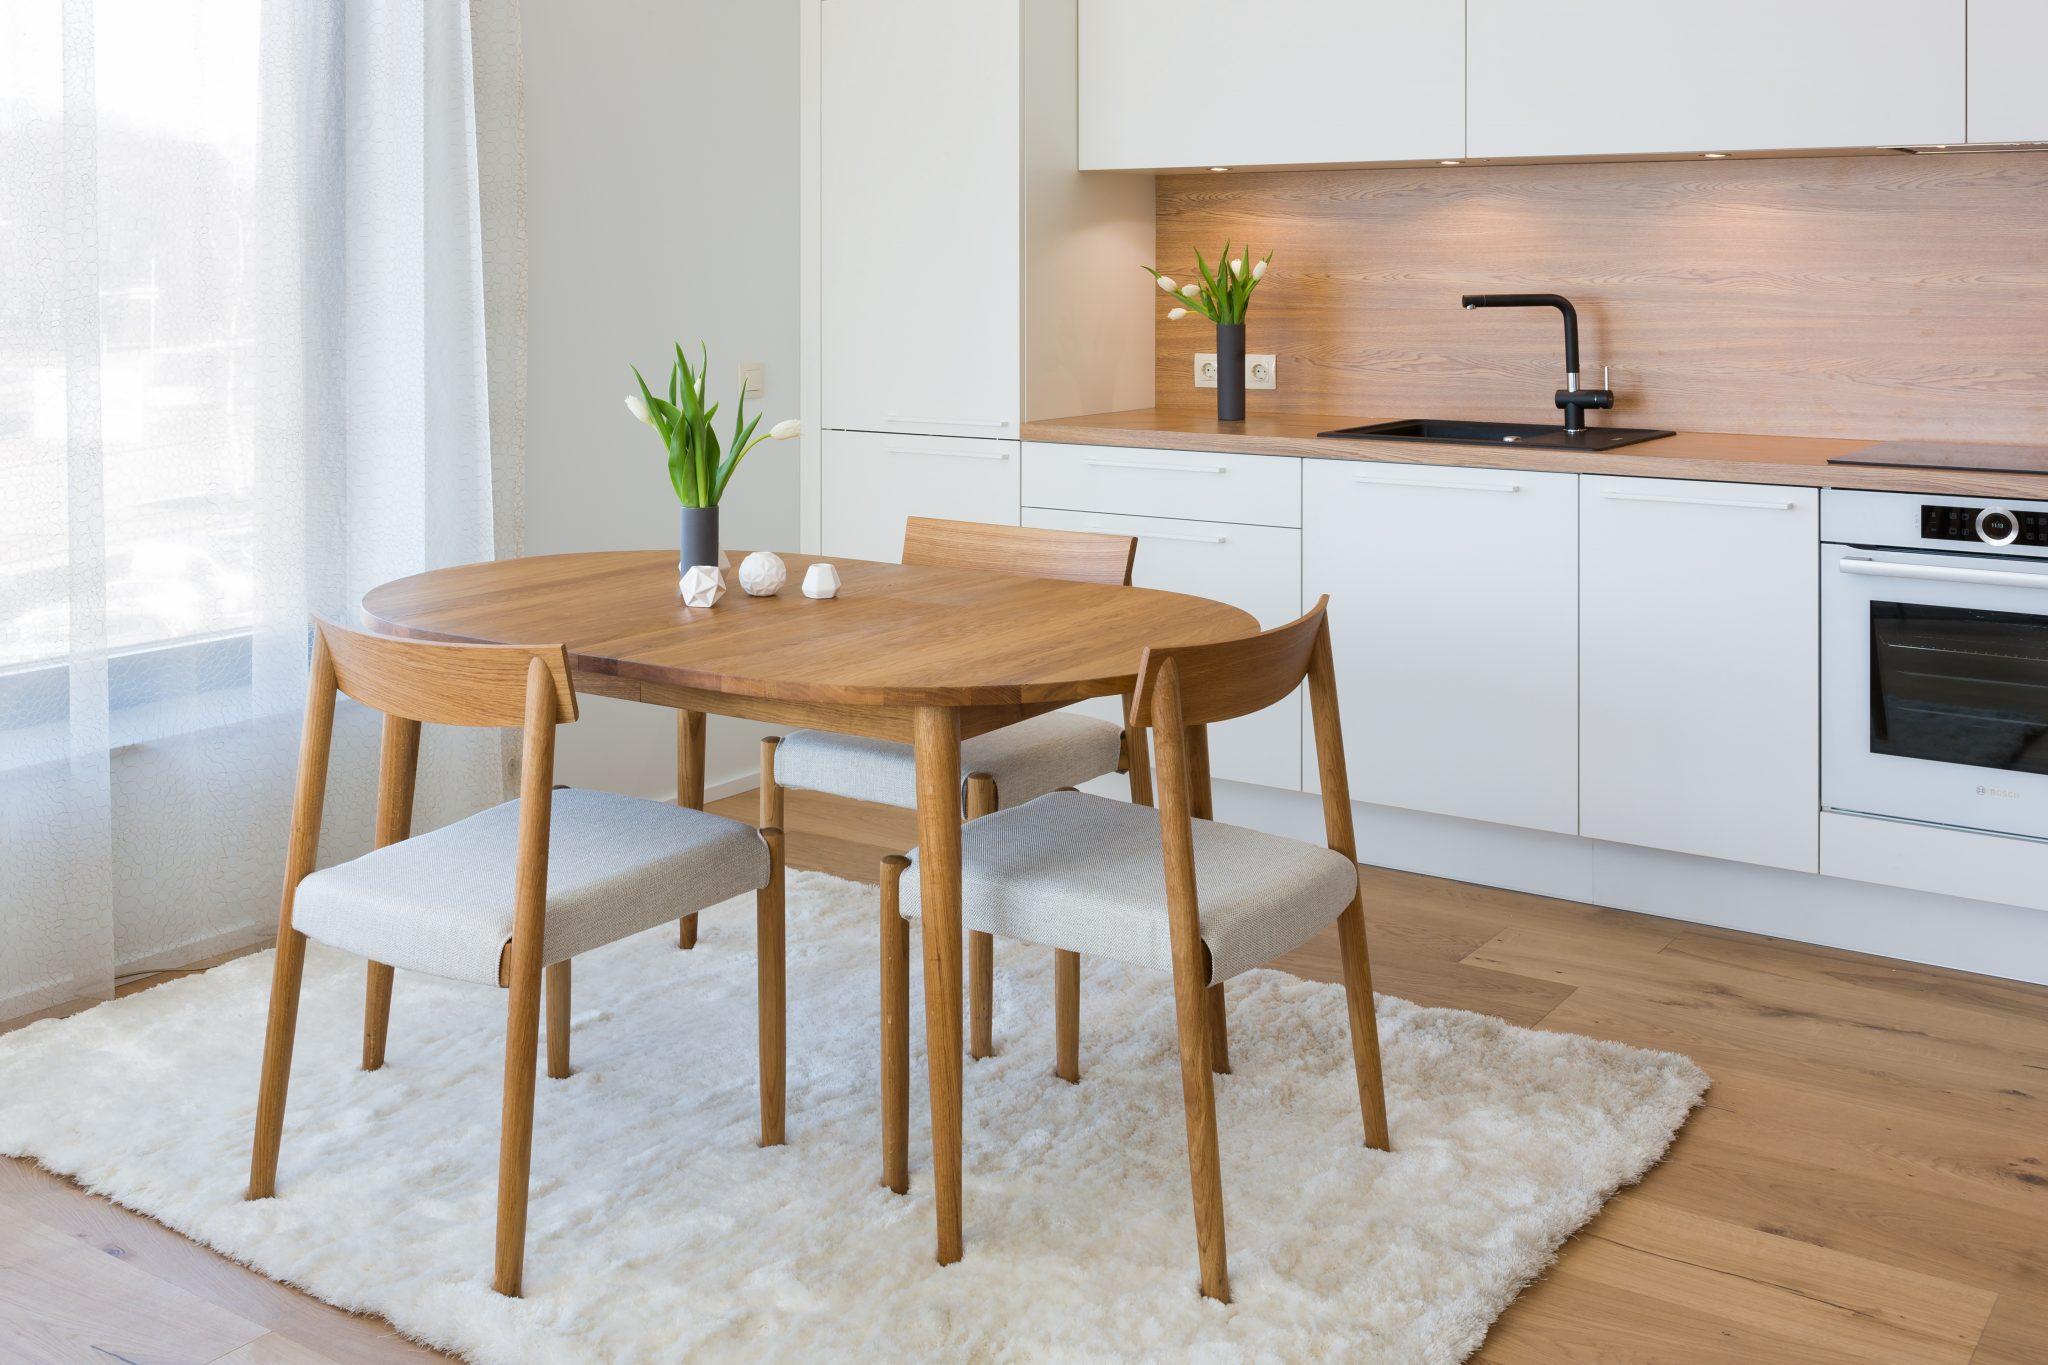 ruokapöydän tuolit mukavat ruokapöydän tuolit, ruokapöydän tuolit puu, ruokapöydän tuolit käsinojilla, ruokapöydän tuolit mukavat ruokapöydän tuolit, ruokapöydän tuolit puu, ruokapöydän tuolit käsinojilla,